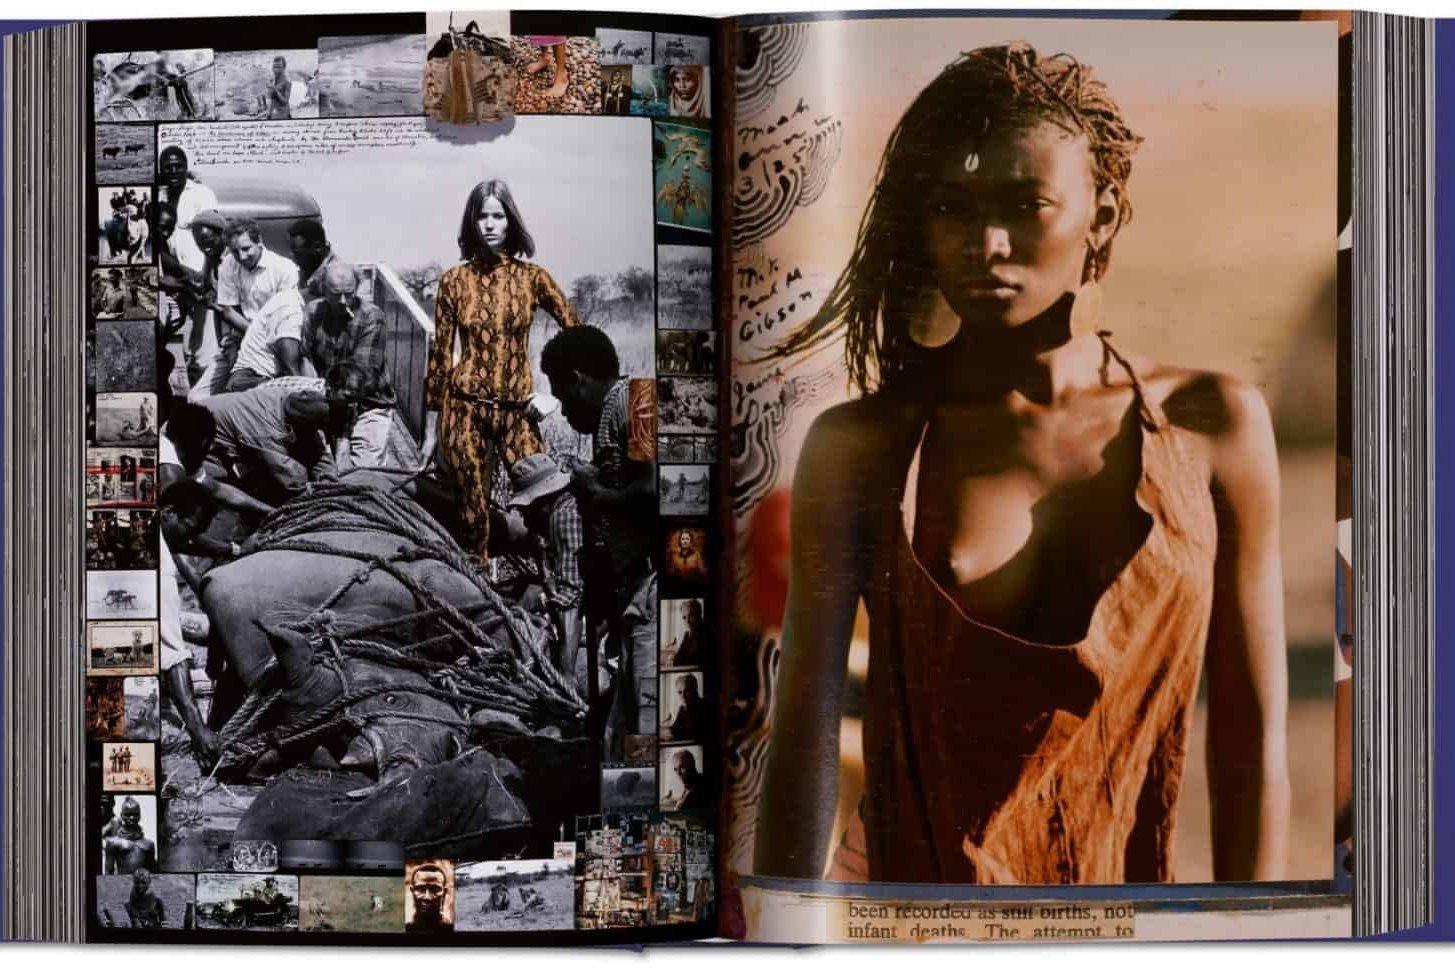 Peter_Beard_Taschen_Binh_Dang_photo_book_vietnam_hanoi_photographer_photography_art7